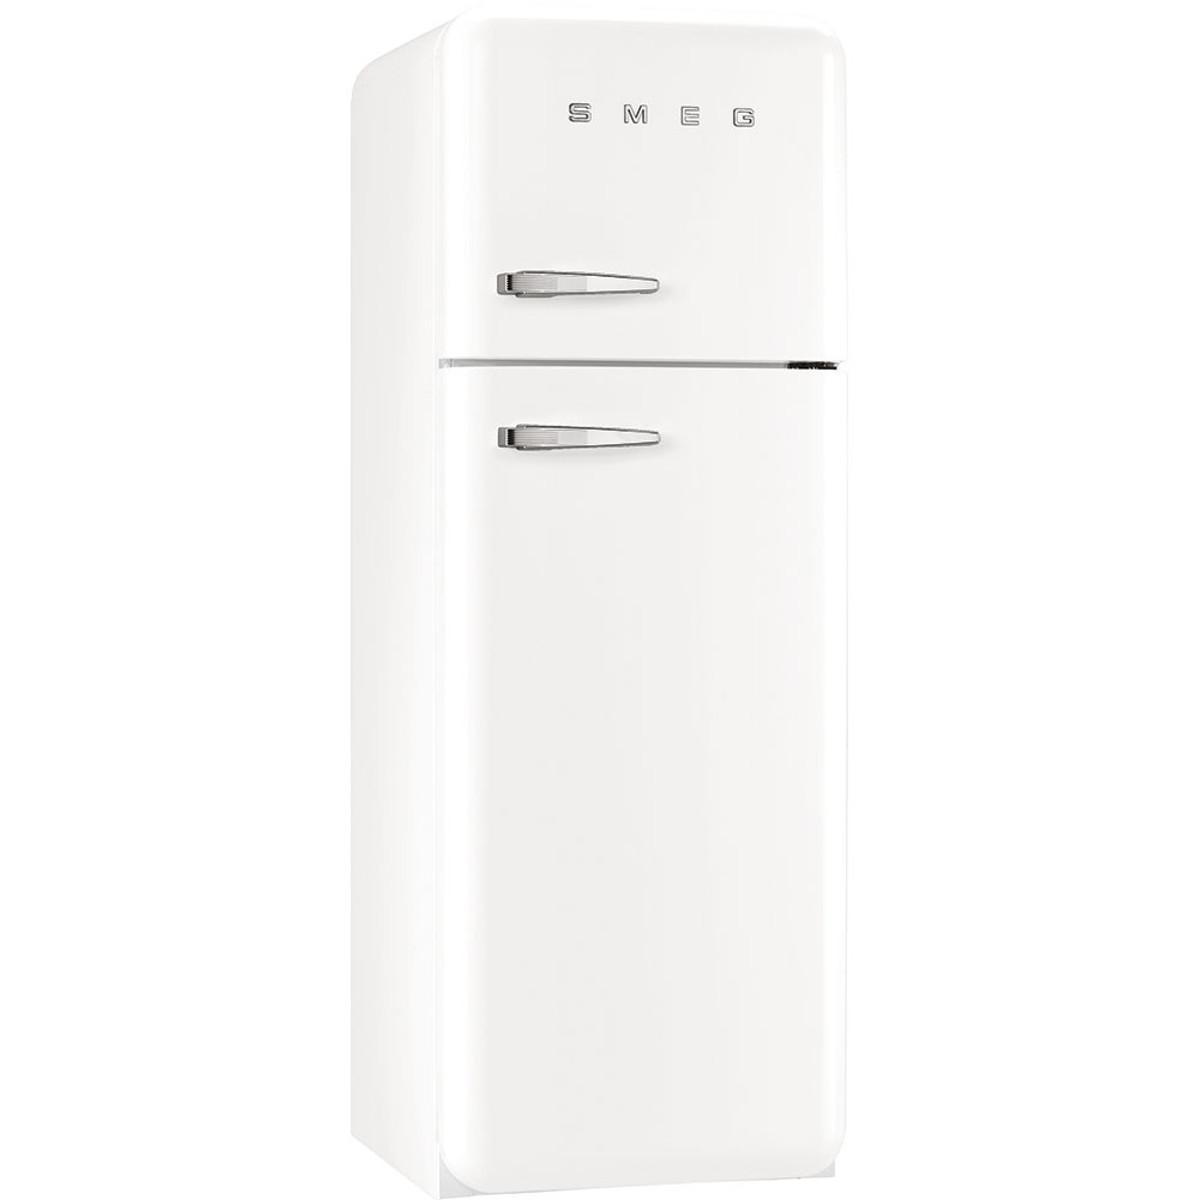 Smeg FAB30RFW 50's Style Retro Fridge Freezer – White